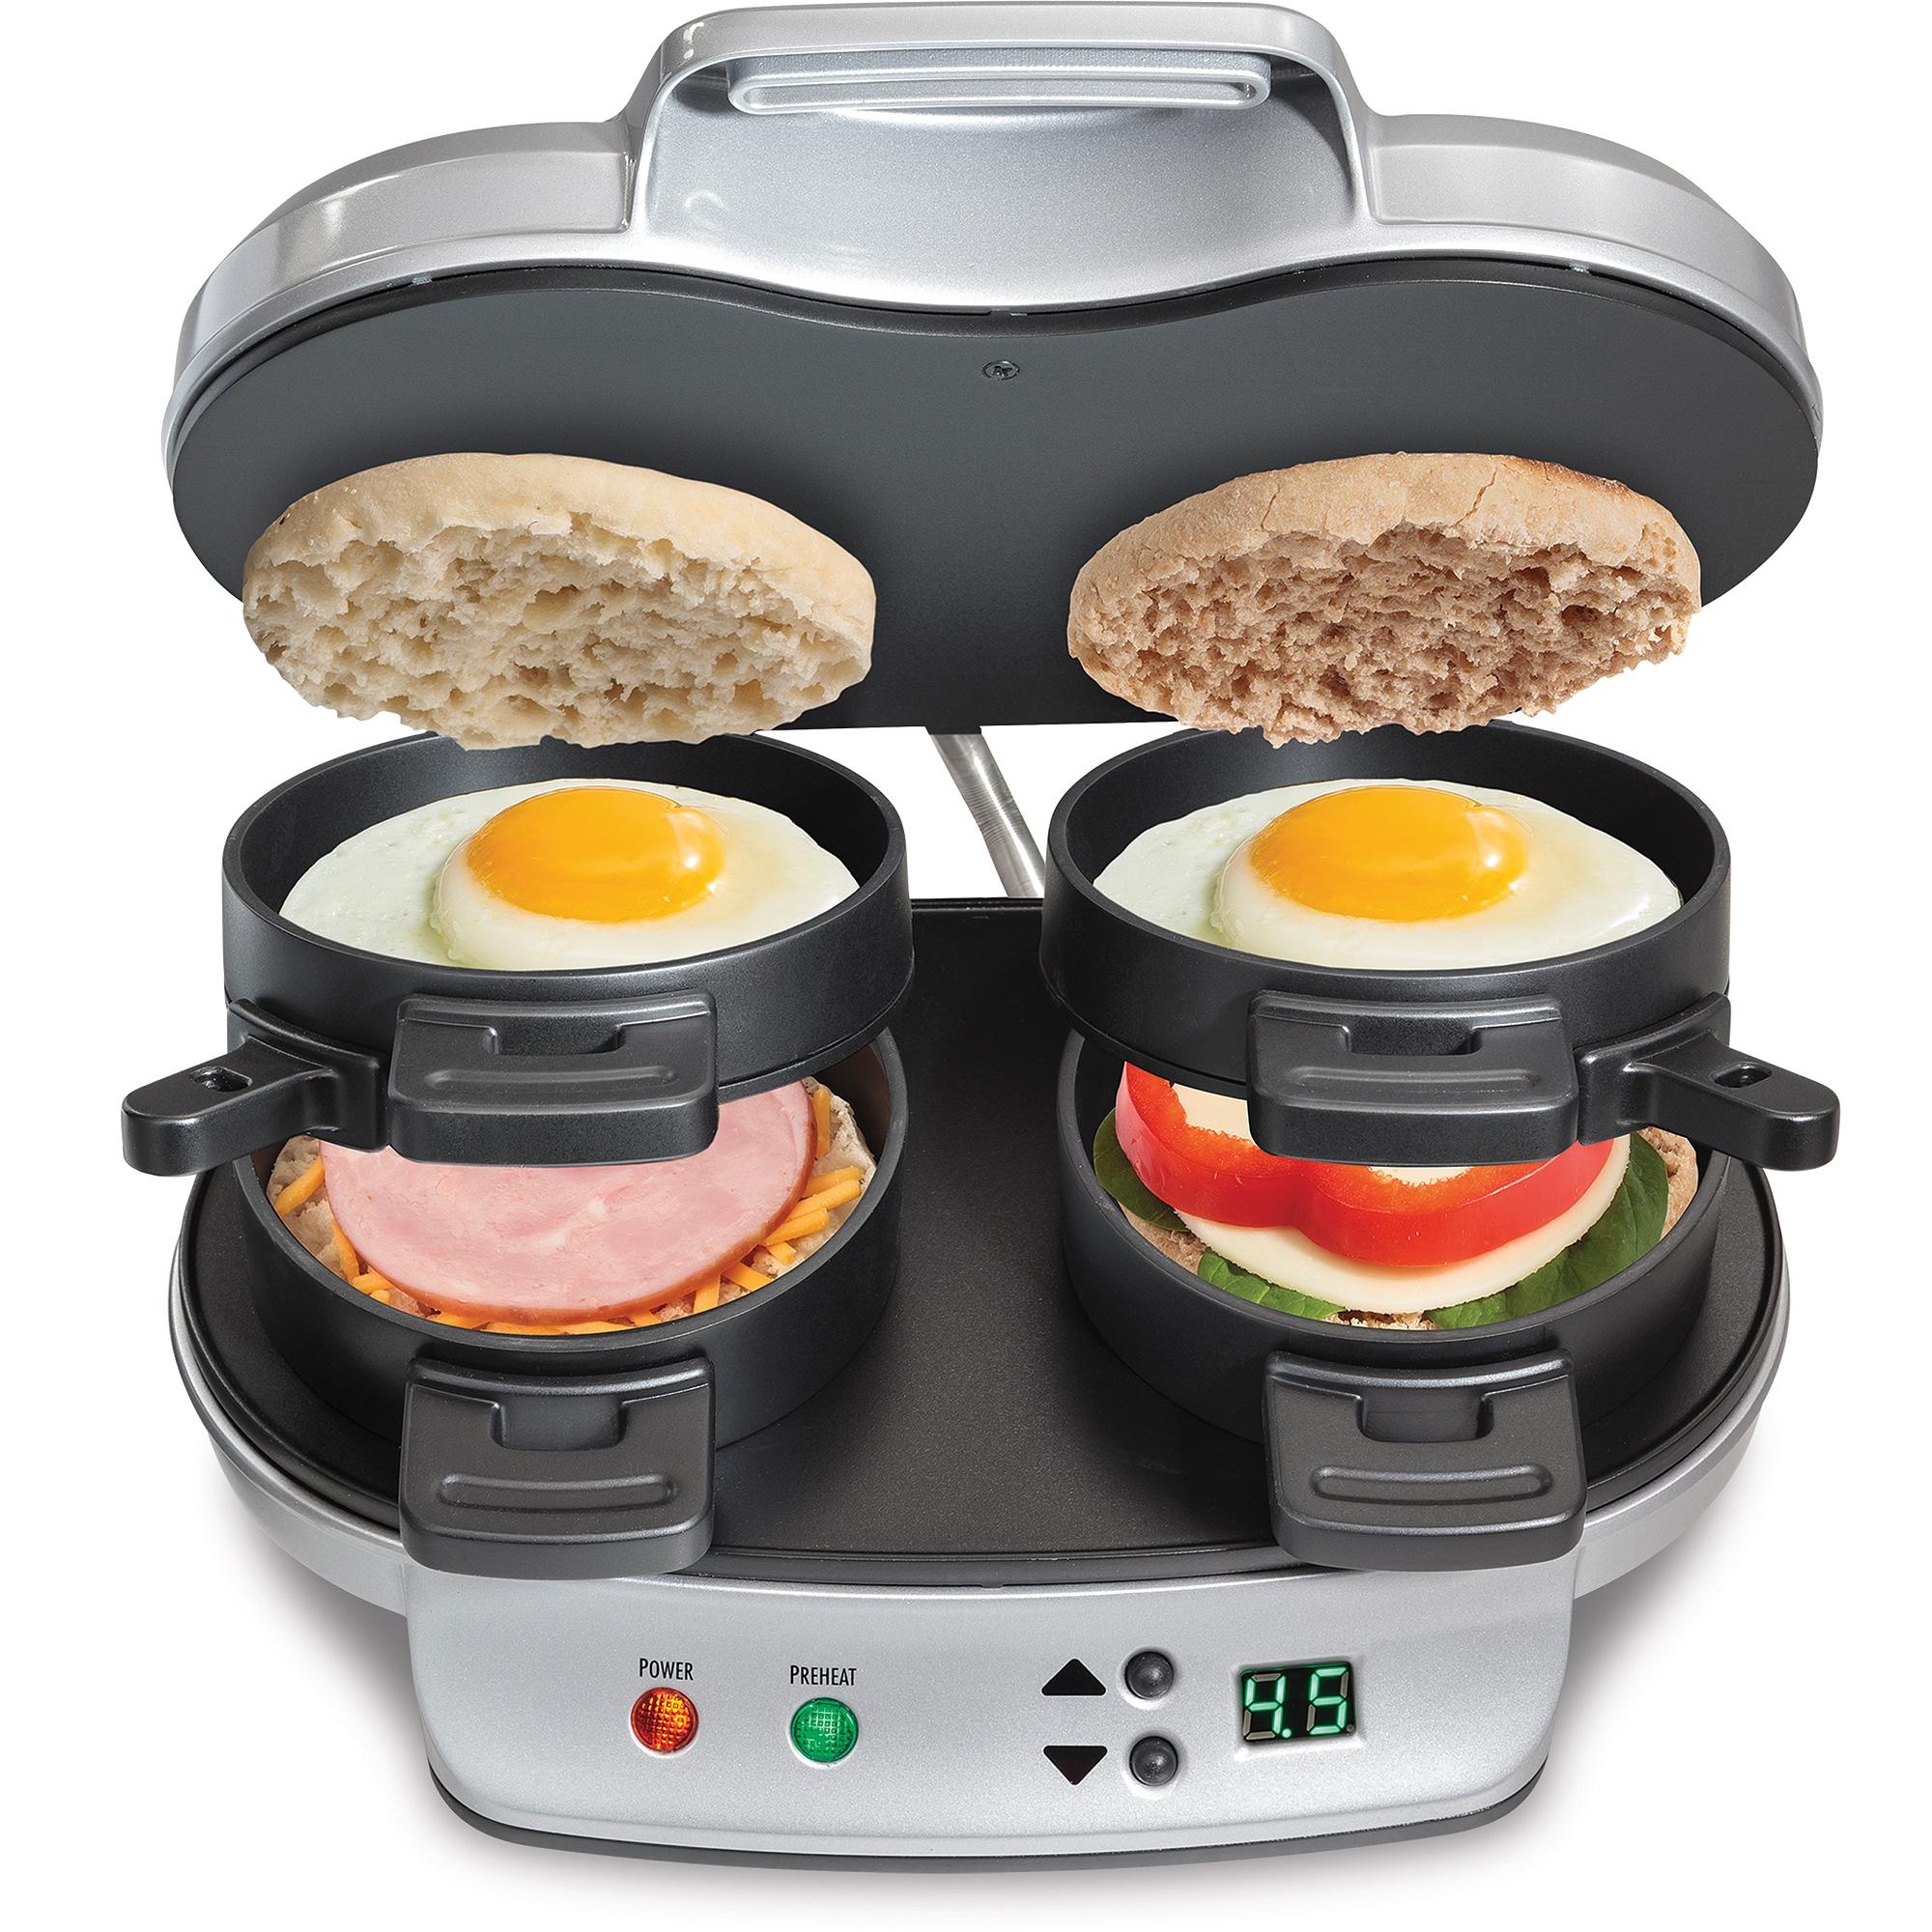 Hamilton Beach Dual Breakfast Sandwich Maker - $19.66 at Walmart, plus tax